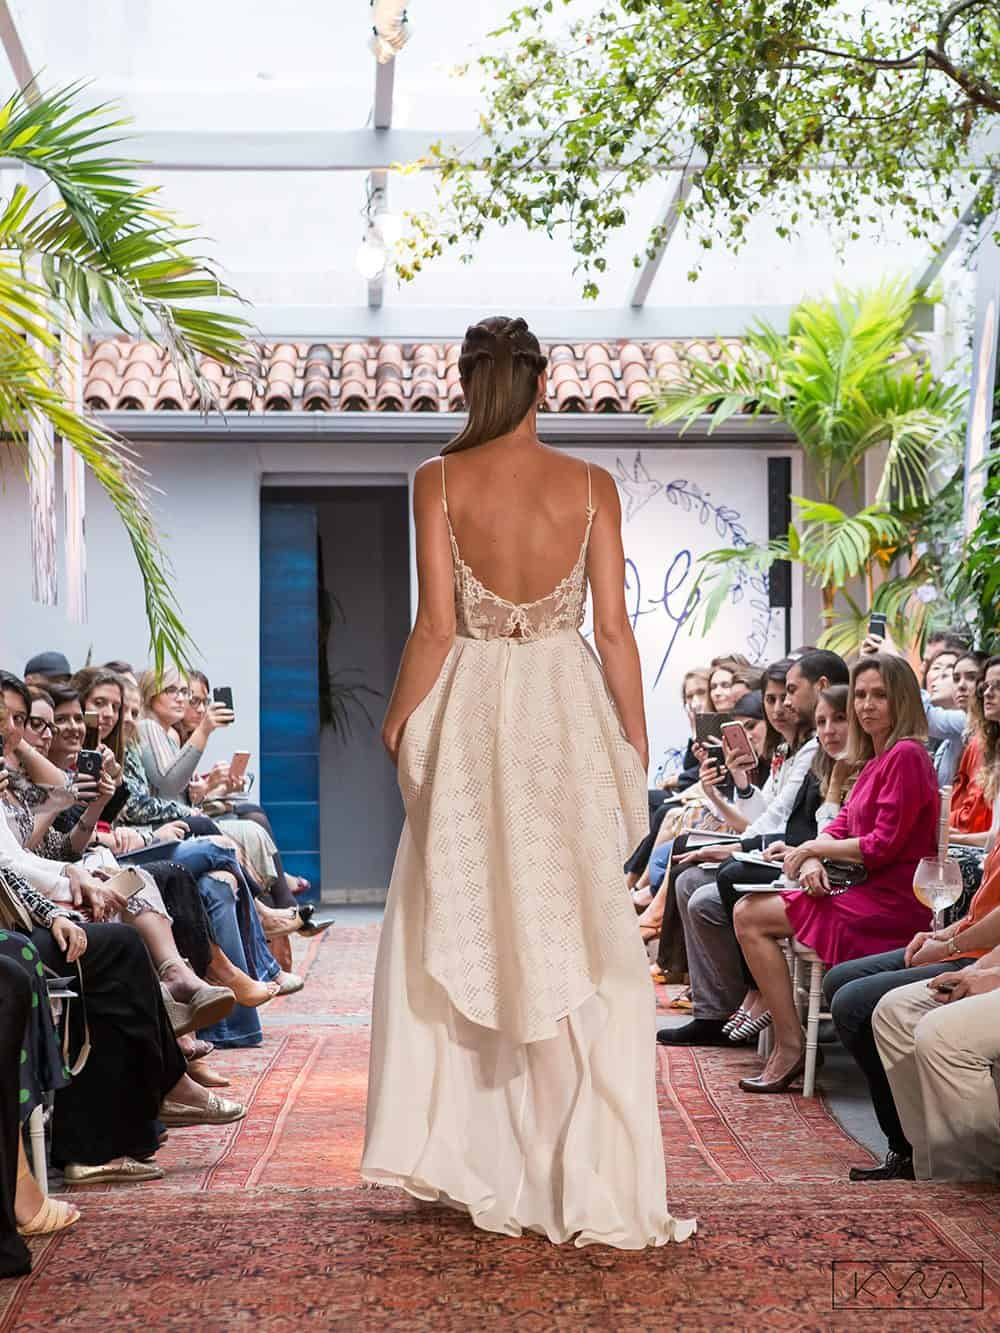 desfile-vestido-de-noiva-entardecer-julia-golldenzon-foto-kyra-mirsky-110